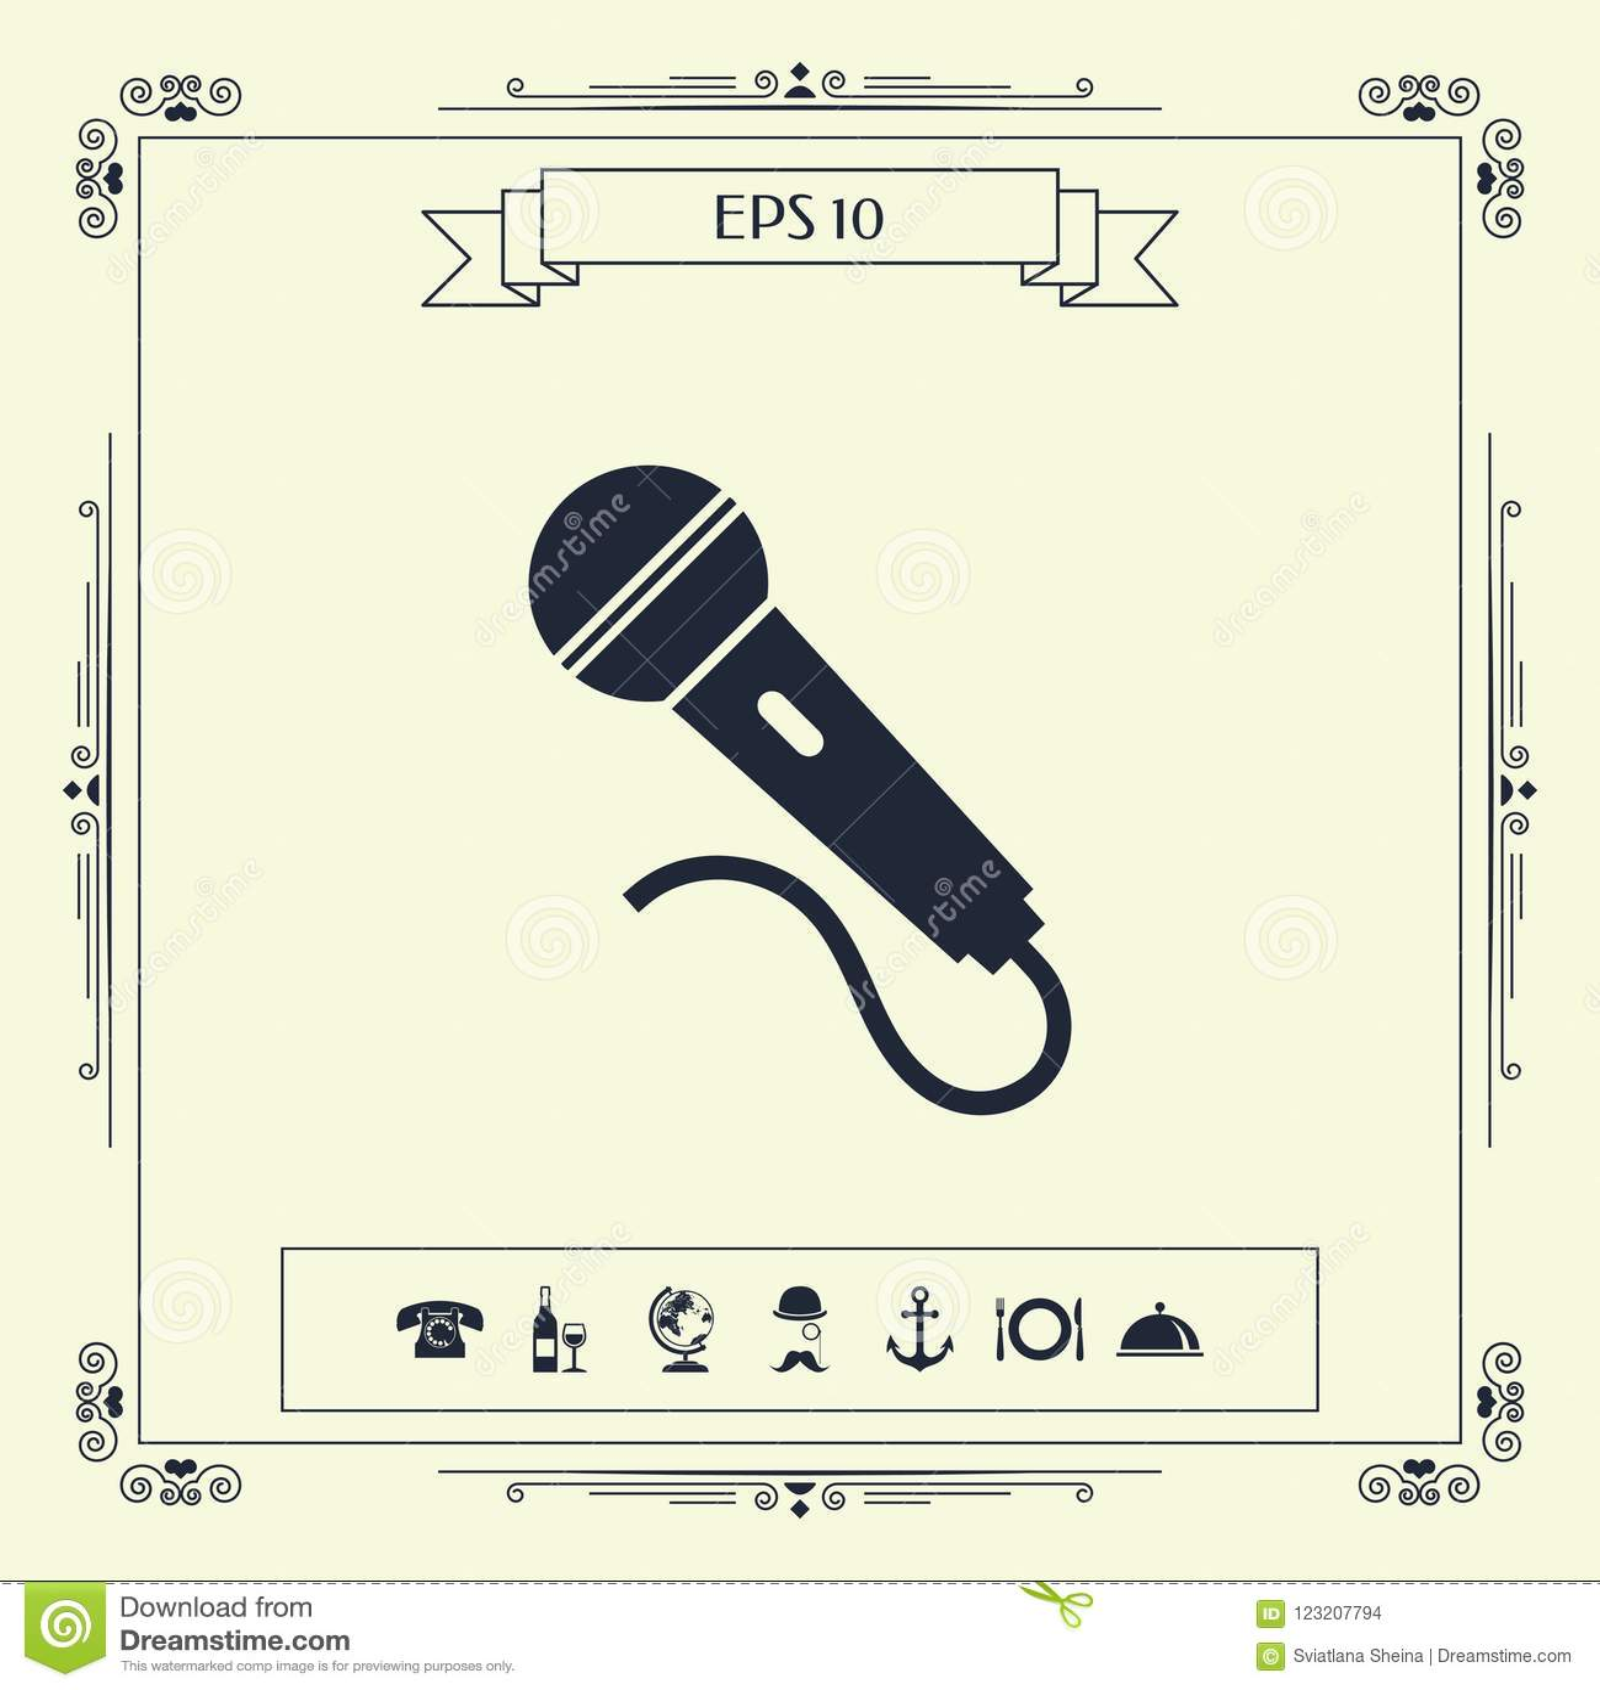 hight resolution of electret condenser microphone schematicsvg wiring diagram local fileelectret condenser microphone schematicsvg wikipedia the